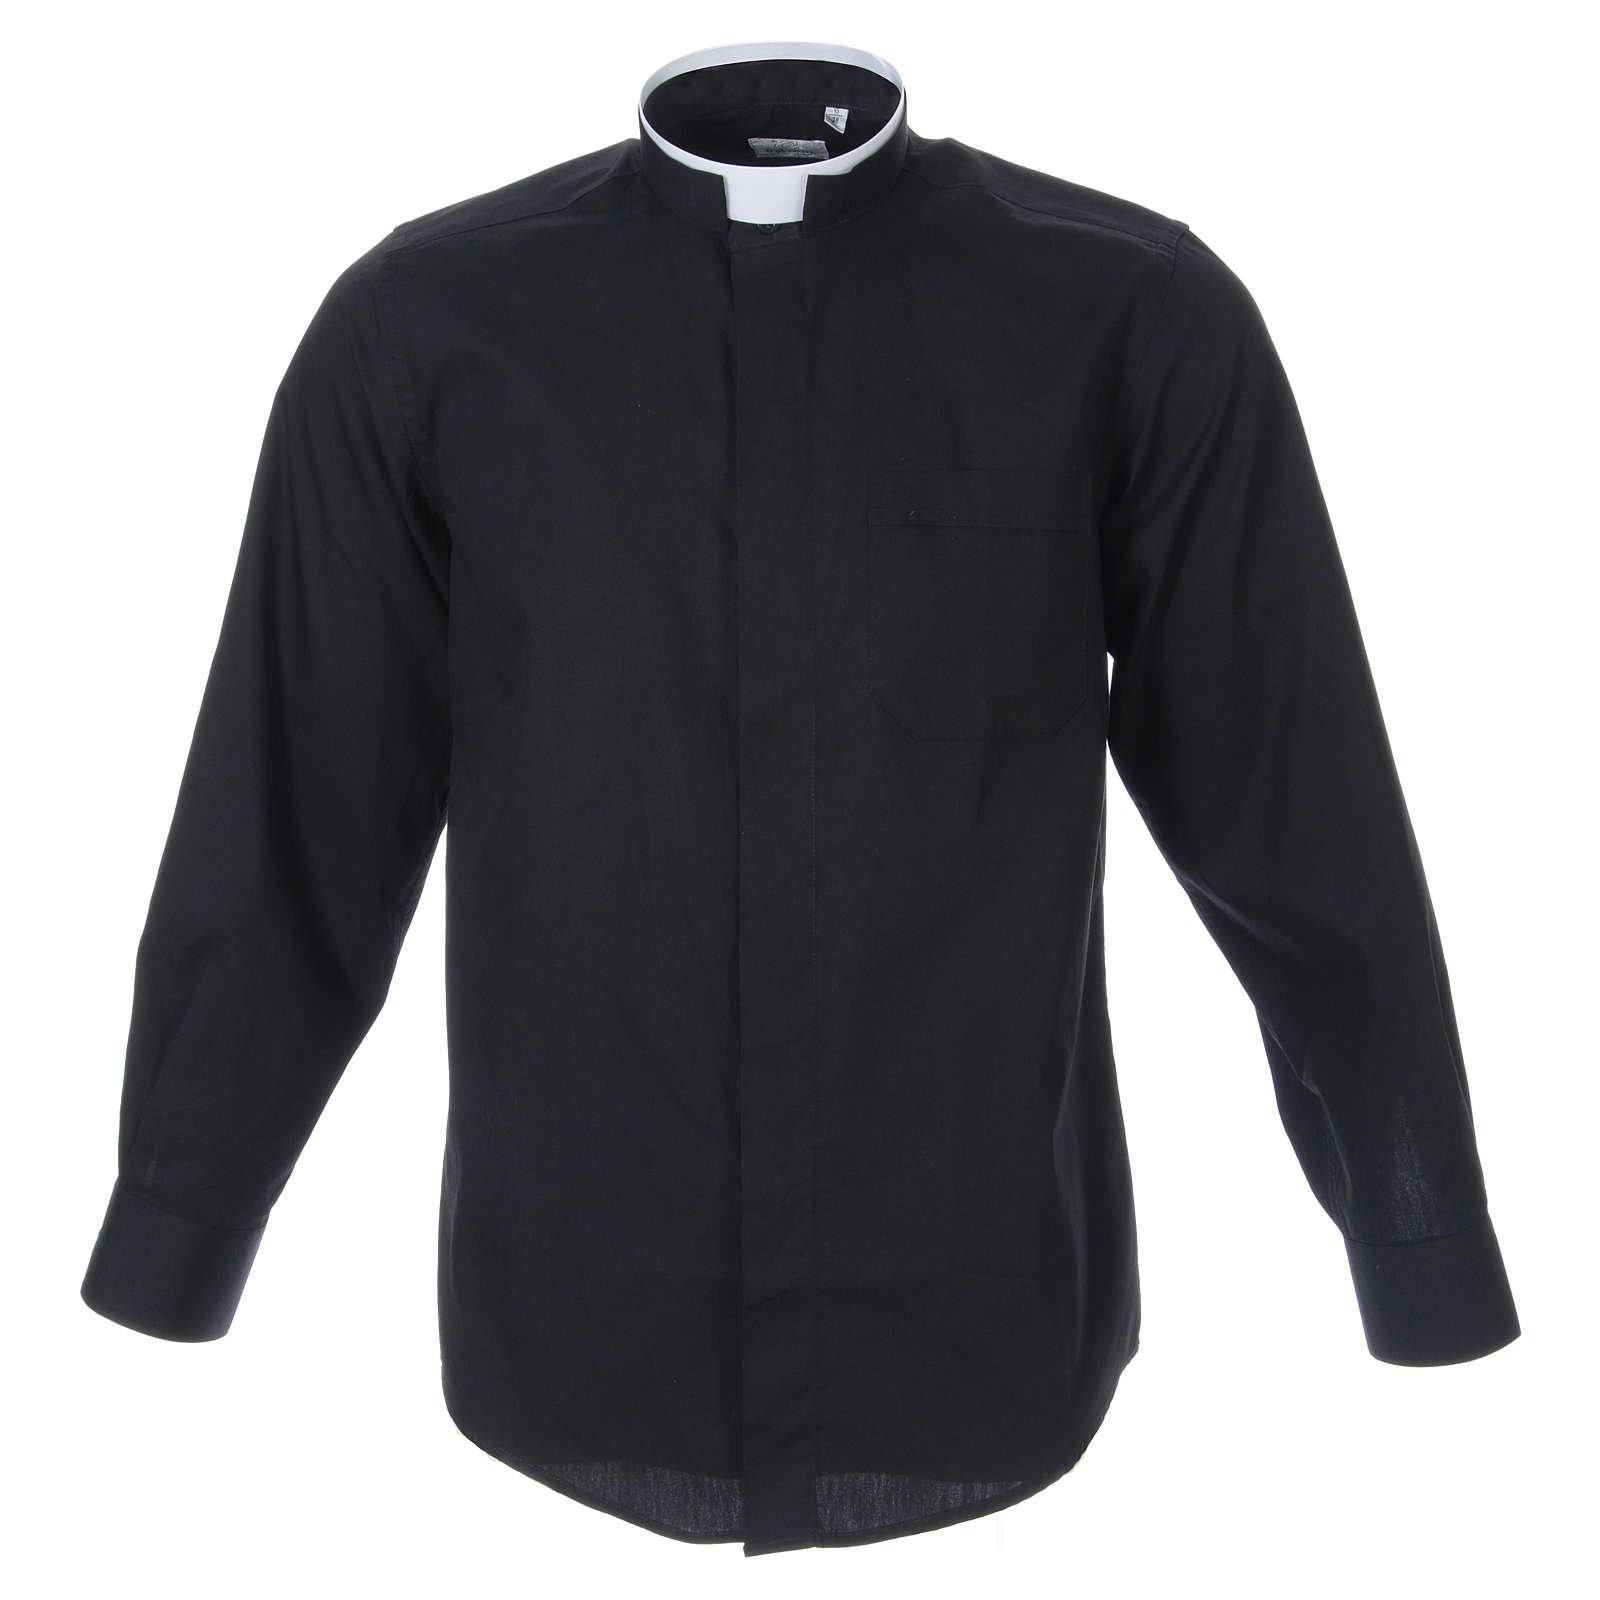 Camisa sacerdote cuello romano mixto algodón manga larga negro 4